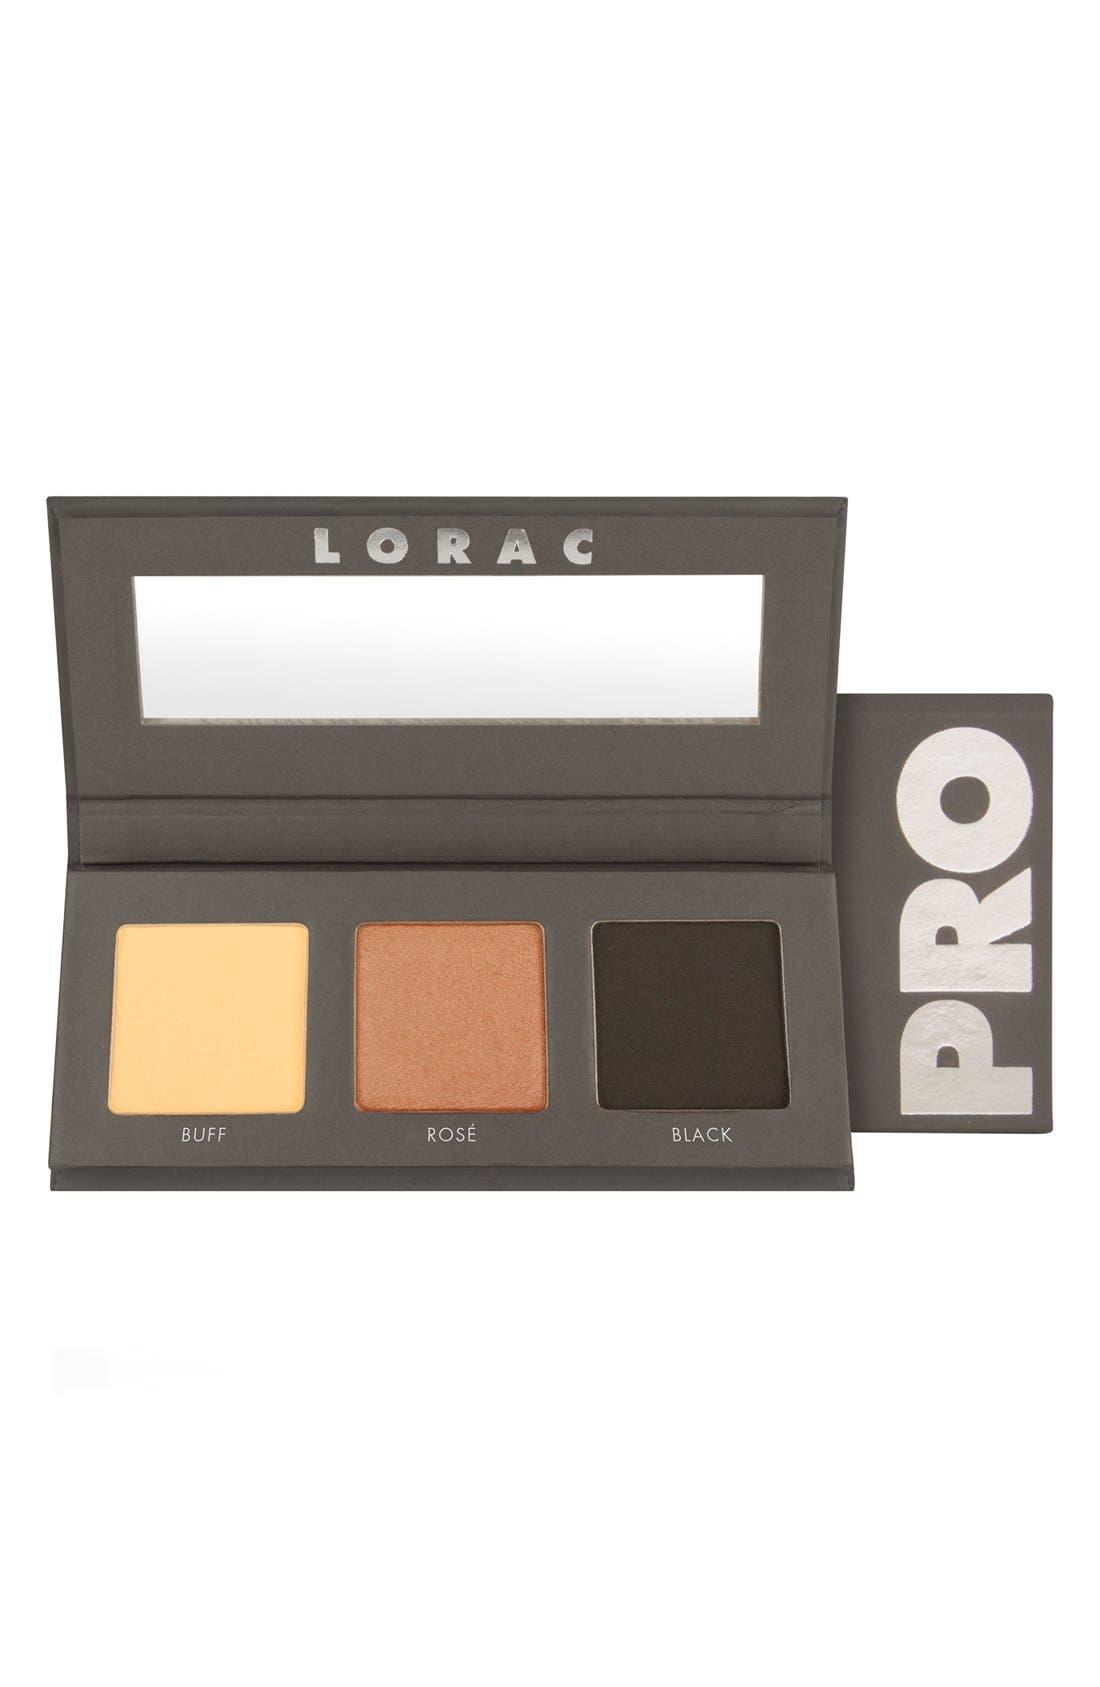 LORAC, 'Pocket PRO 2' Palette, Main thumbnail 1, color, 001